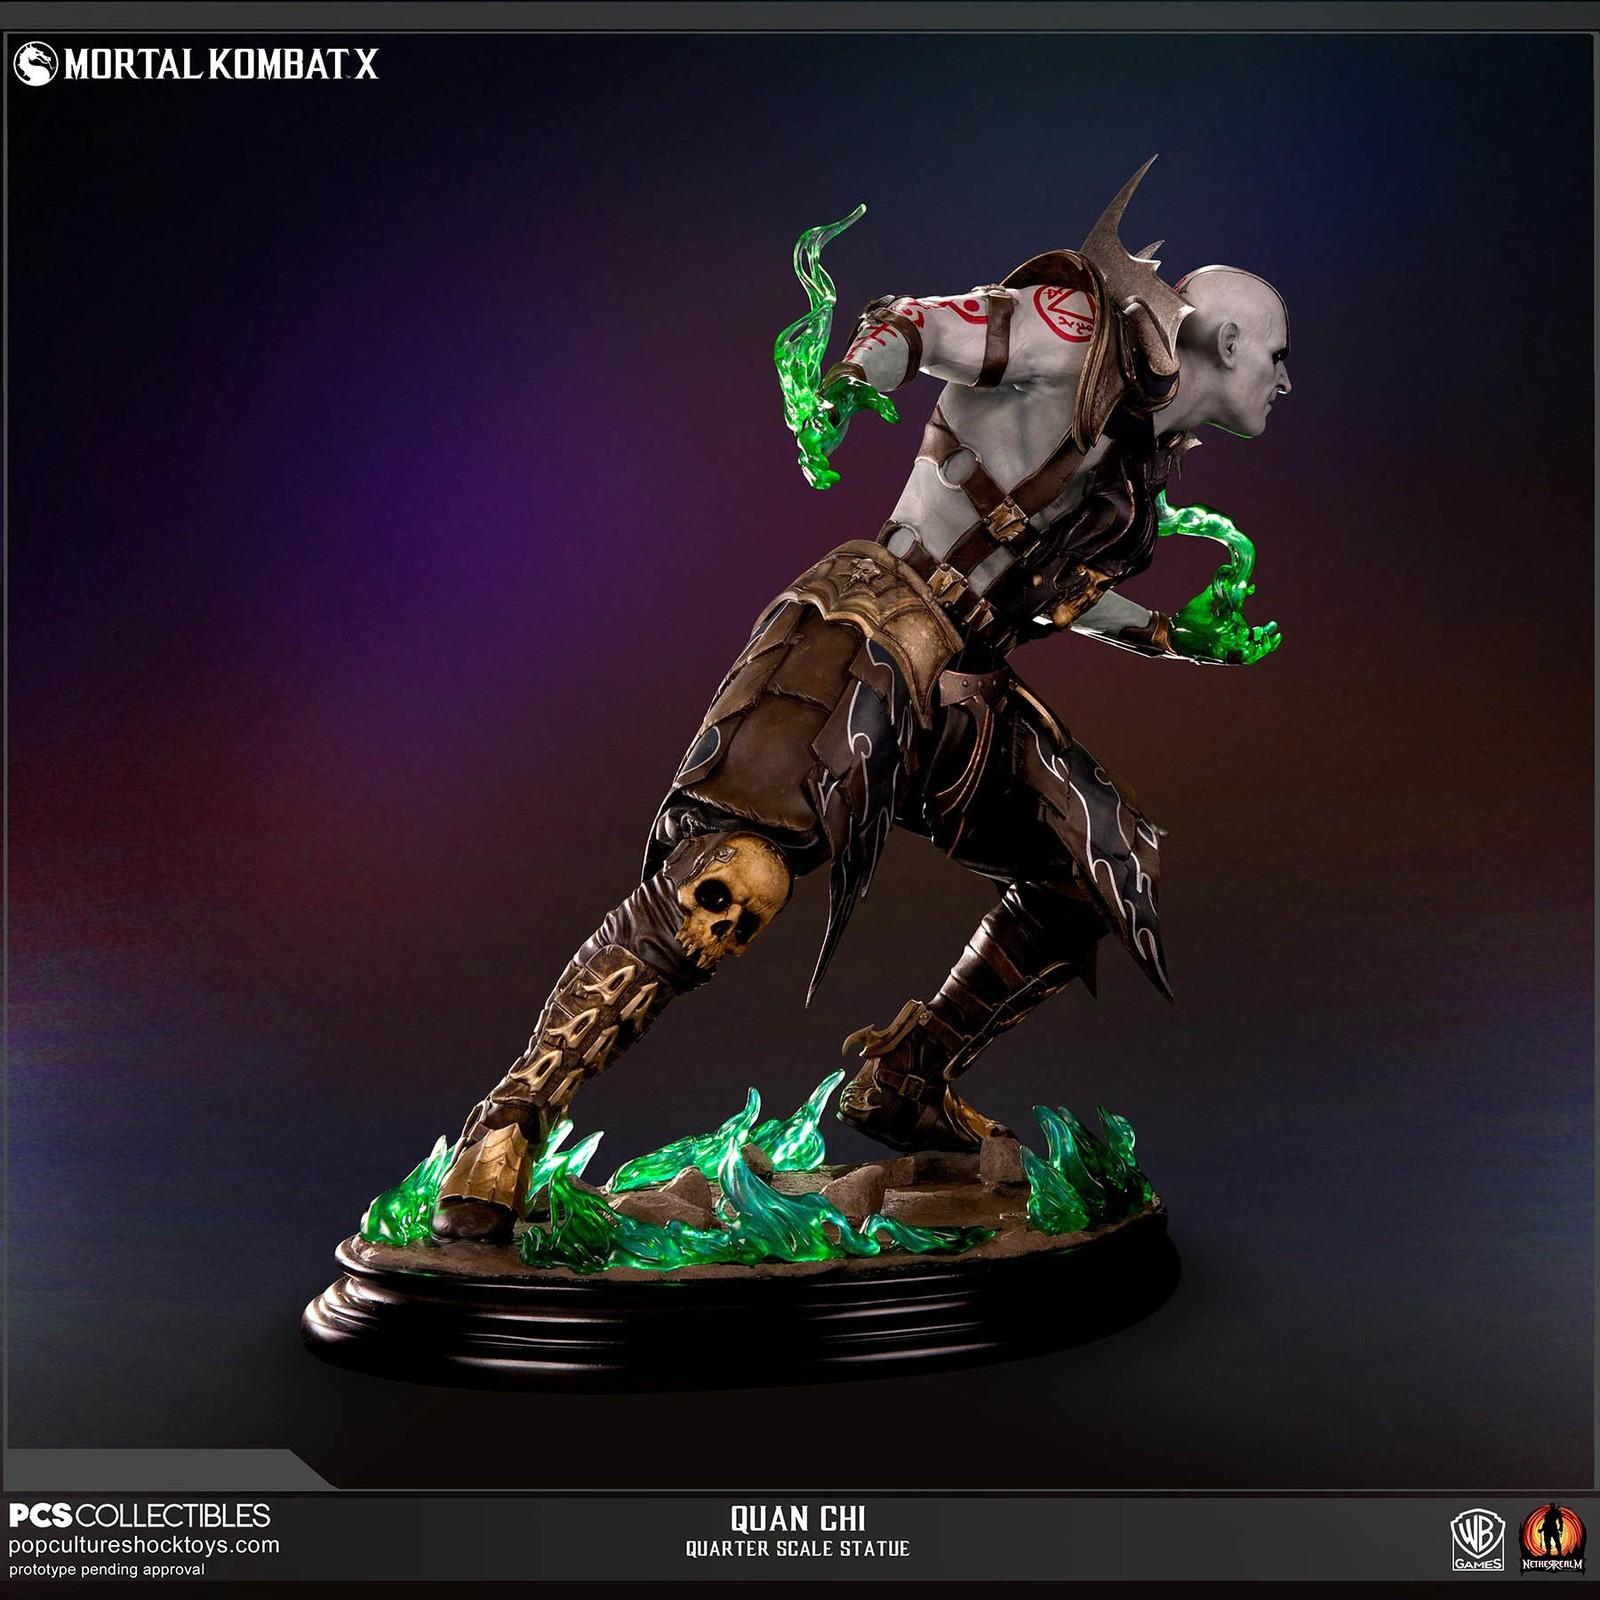 Mortal Kombat X - Quan Chi 1:4 Scale Statue